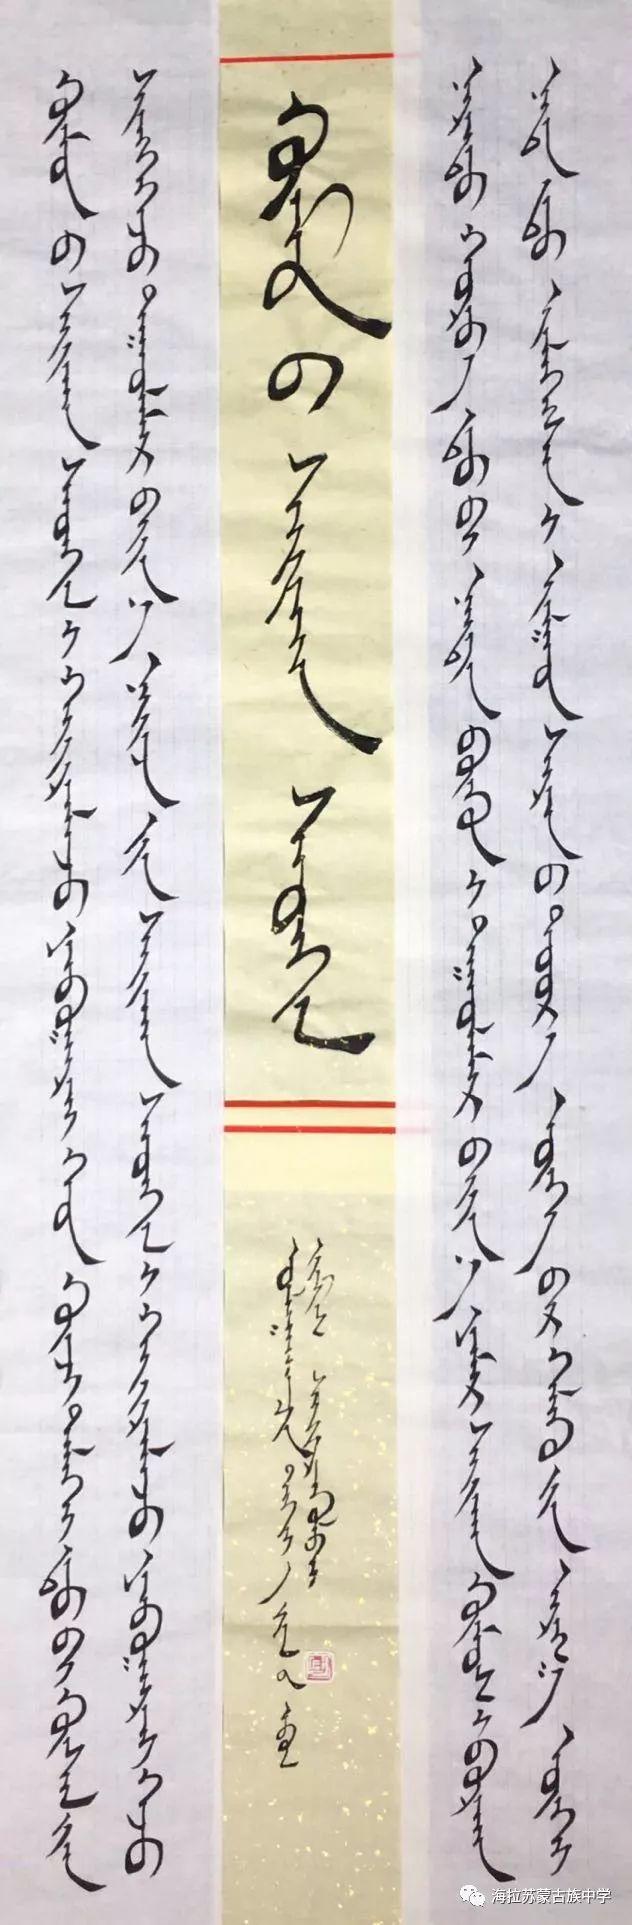 【奥奇】蒙古文书法网络展 第25张